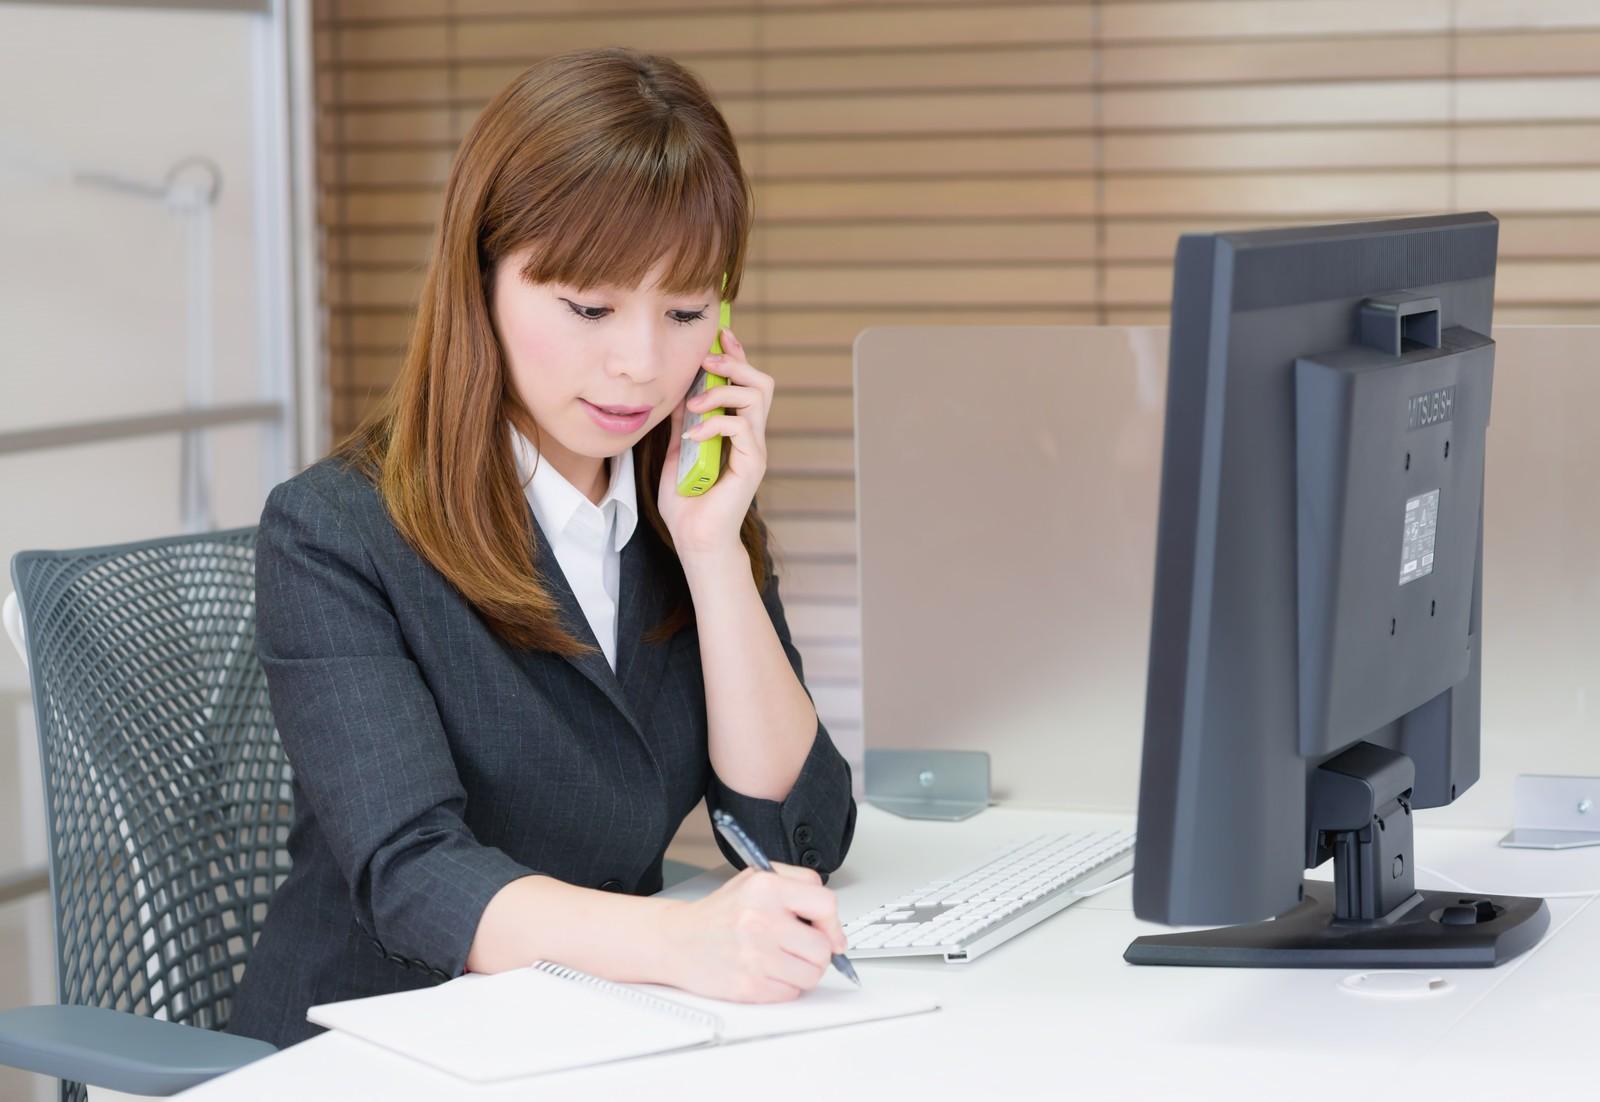 人材採用やリクルーティング市場で活用可能